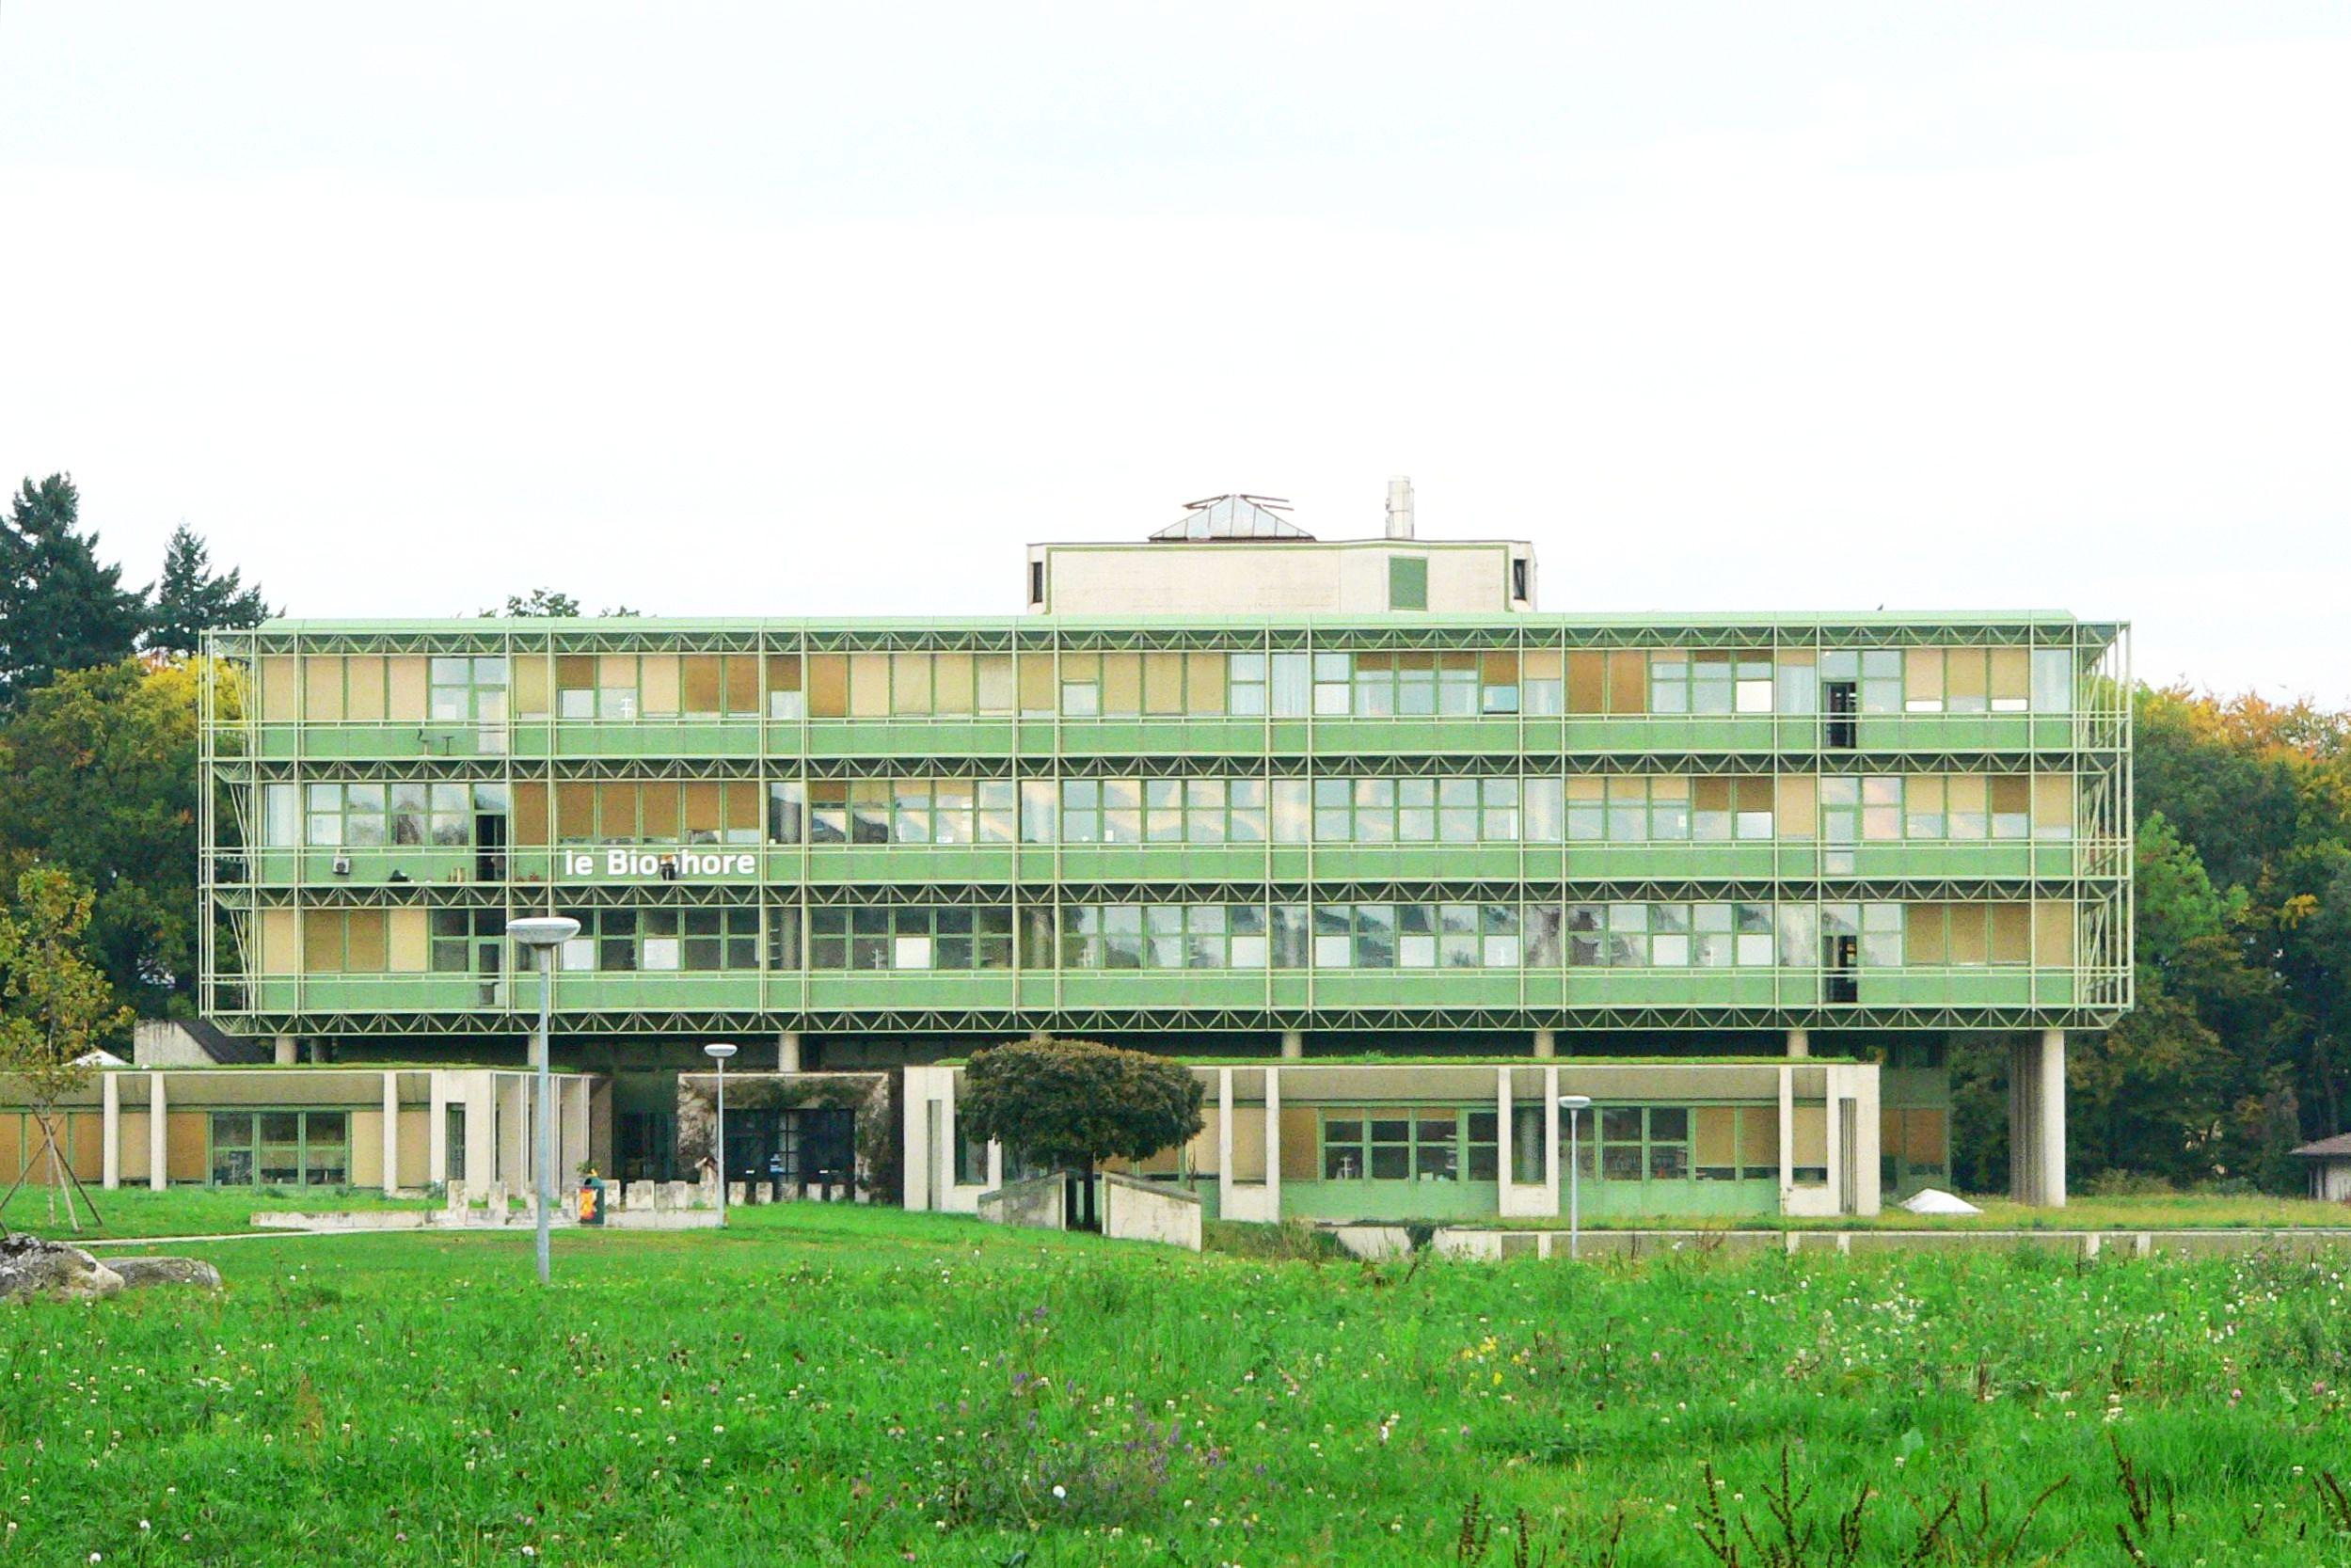 Le biophore gebäude der biologischen fakultät eröffnet 1983